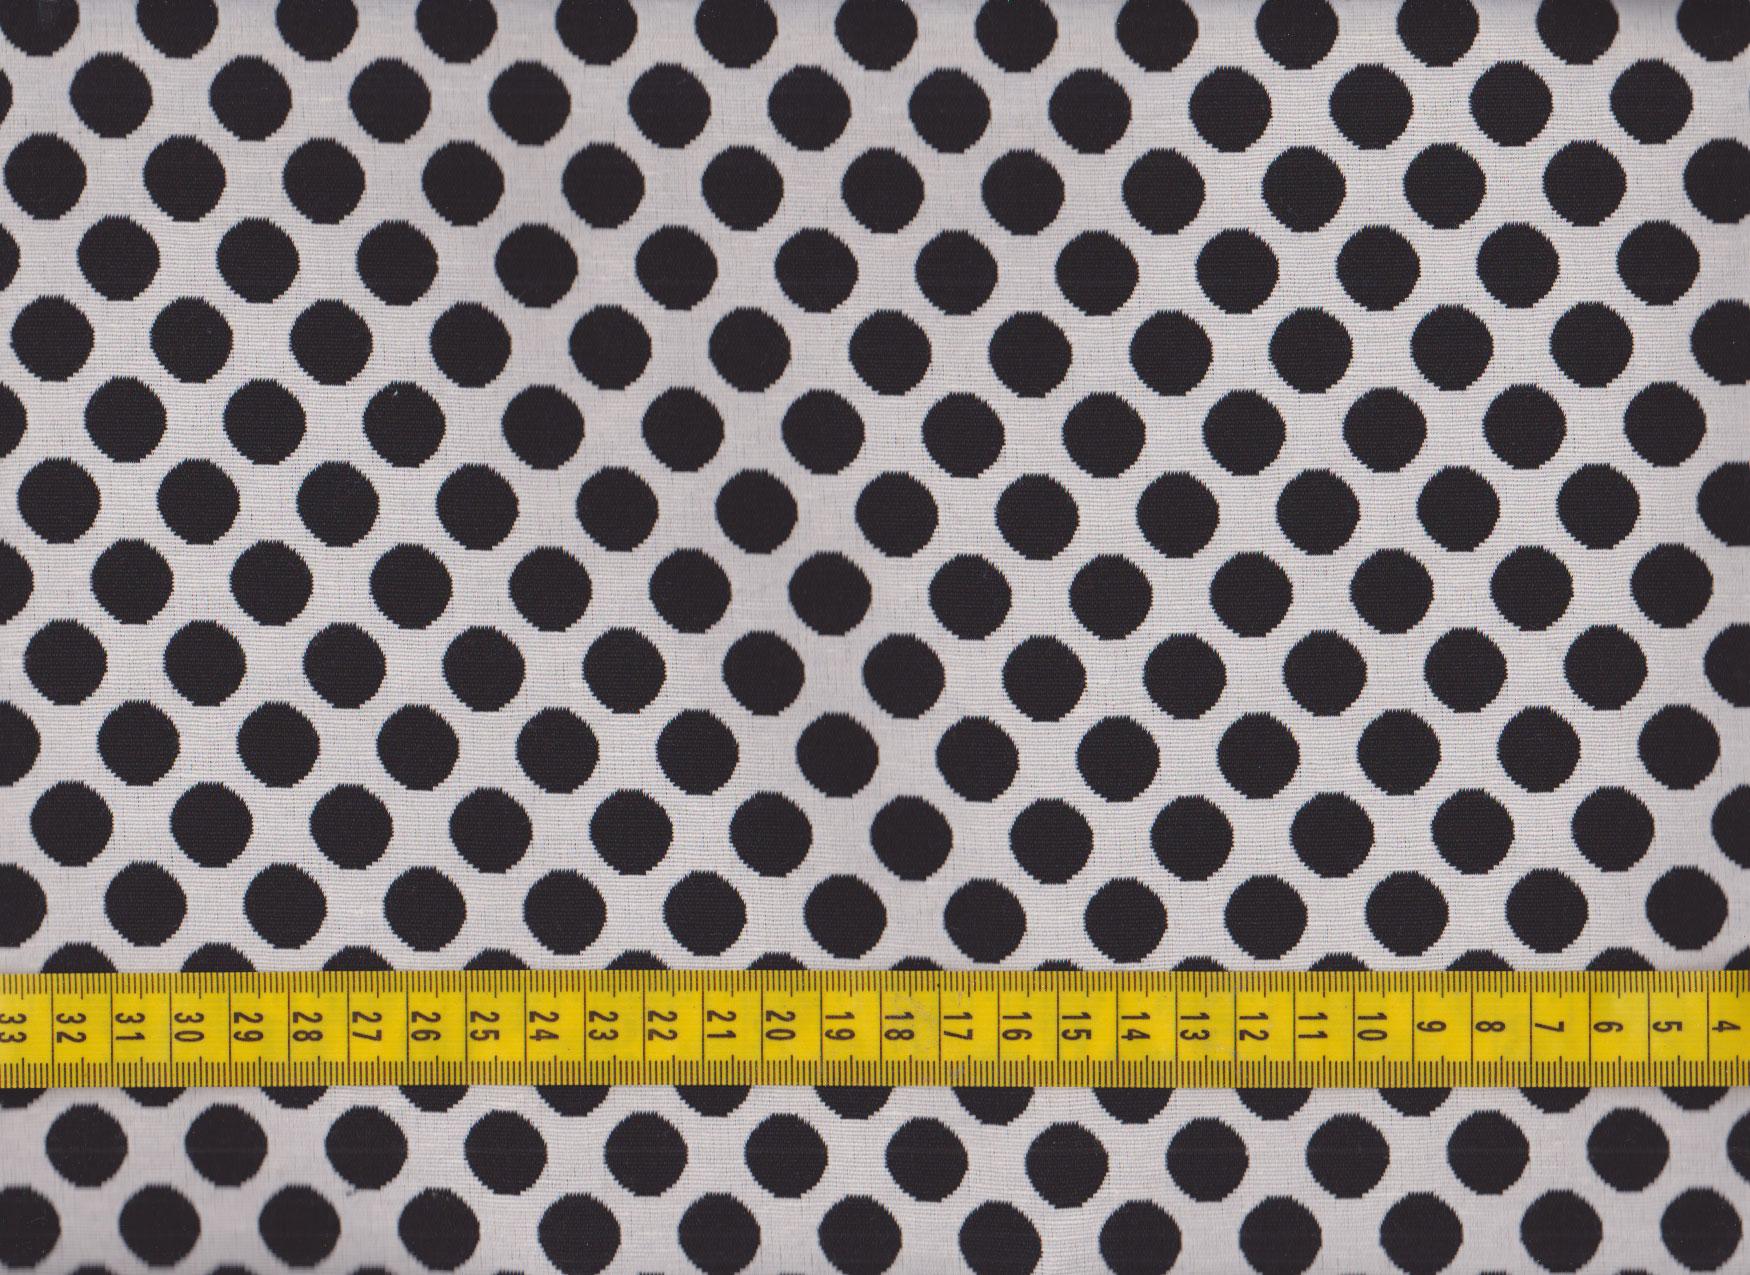 baumwolle doubleface punkte gl cksmarie onlineshop. Black Bedroom Furniture Sets. Home Design Ideas